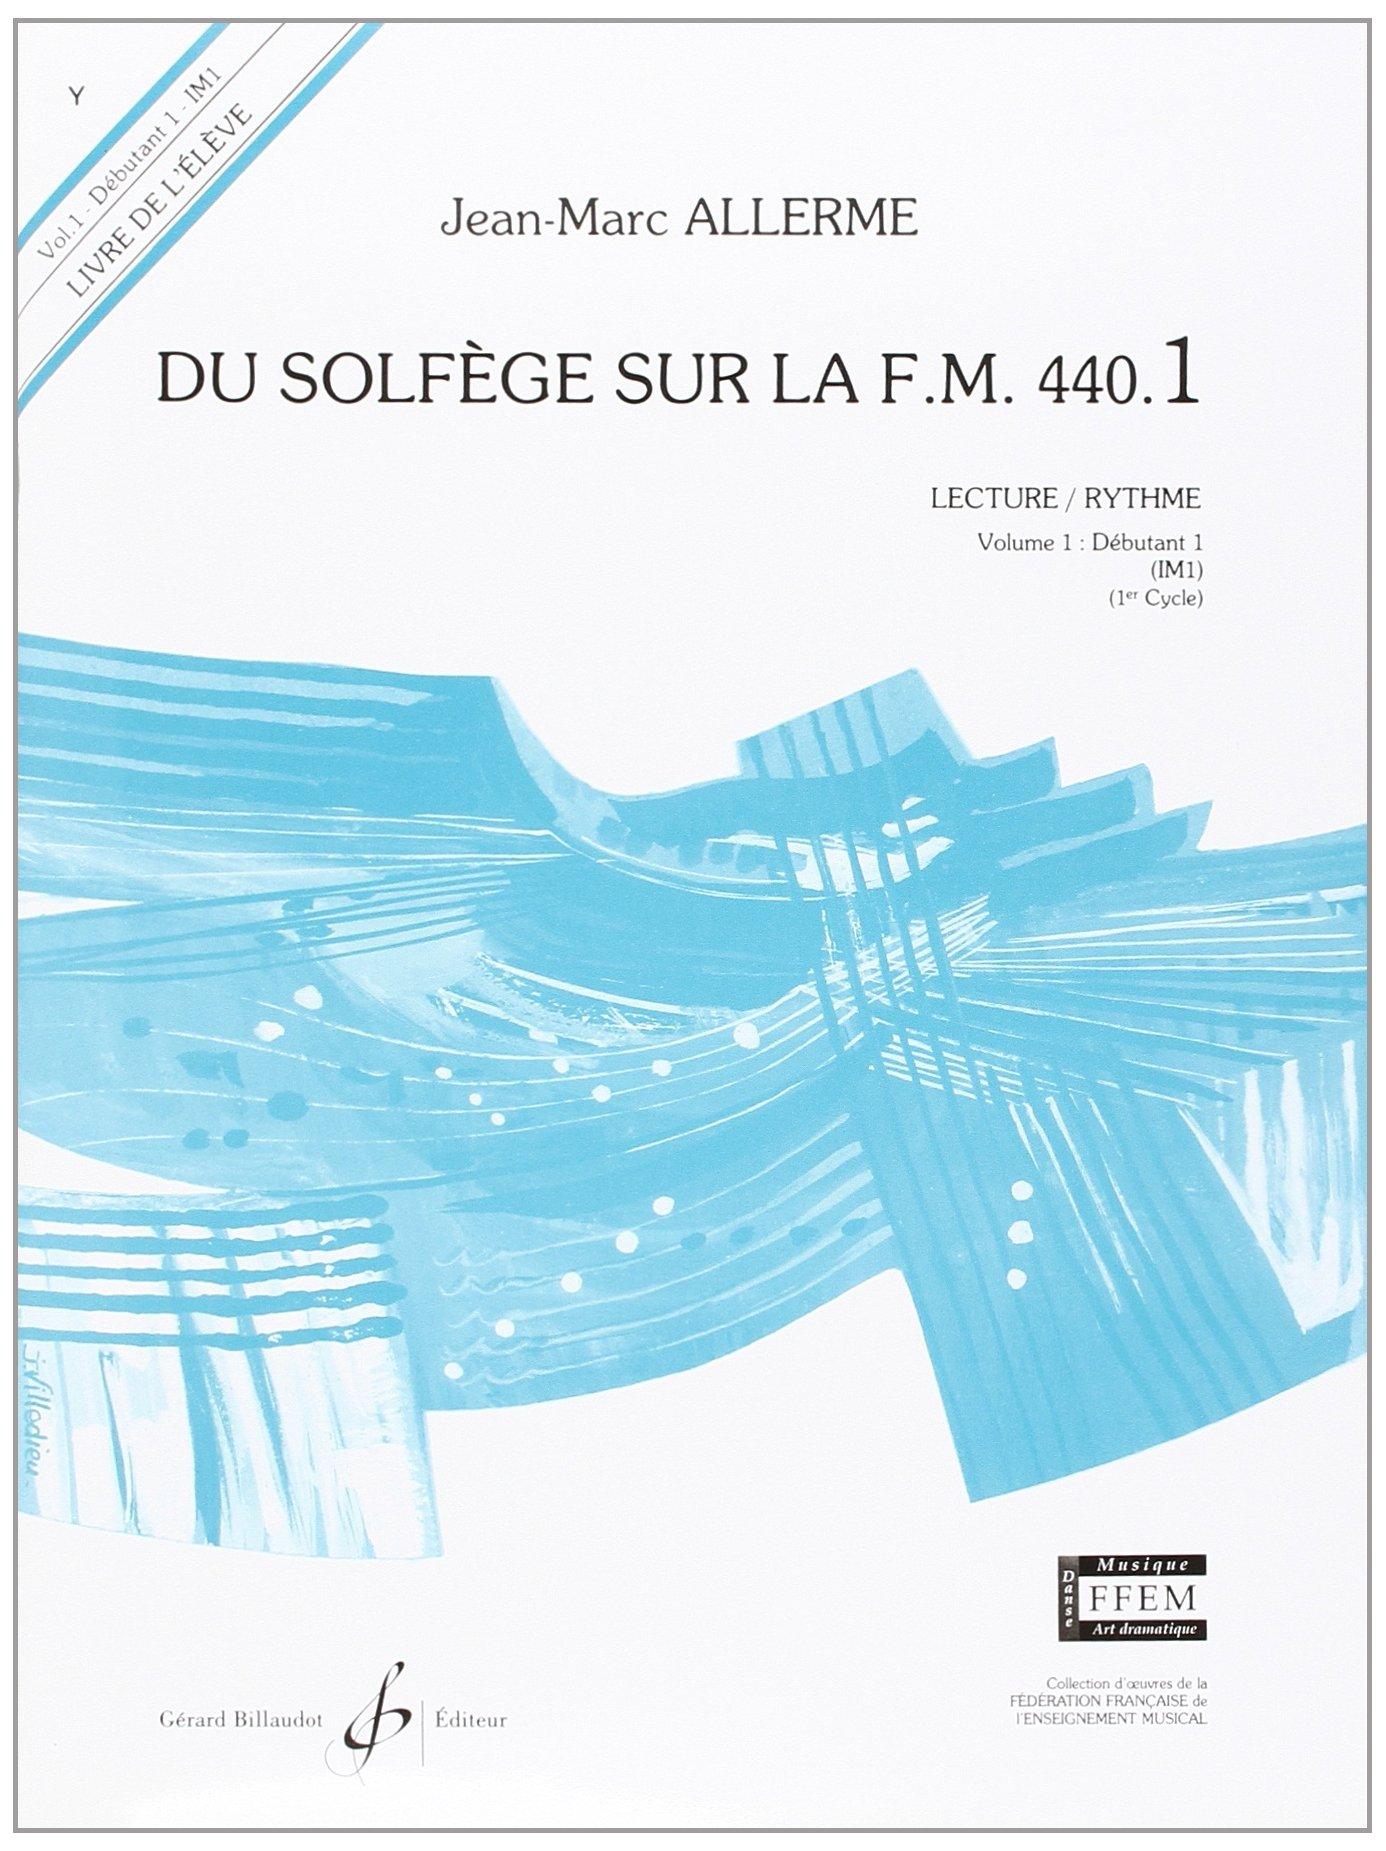 Du Solfege Sur la F.M. 440.1 - Lecture/Rythme - Eleve Broché – 1 janvier 2000 Allerme Jean-Marc Billaudot B003JYOTM4 PIR3270